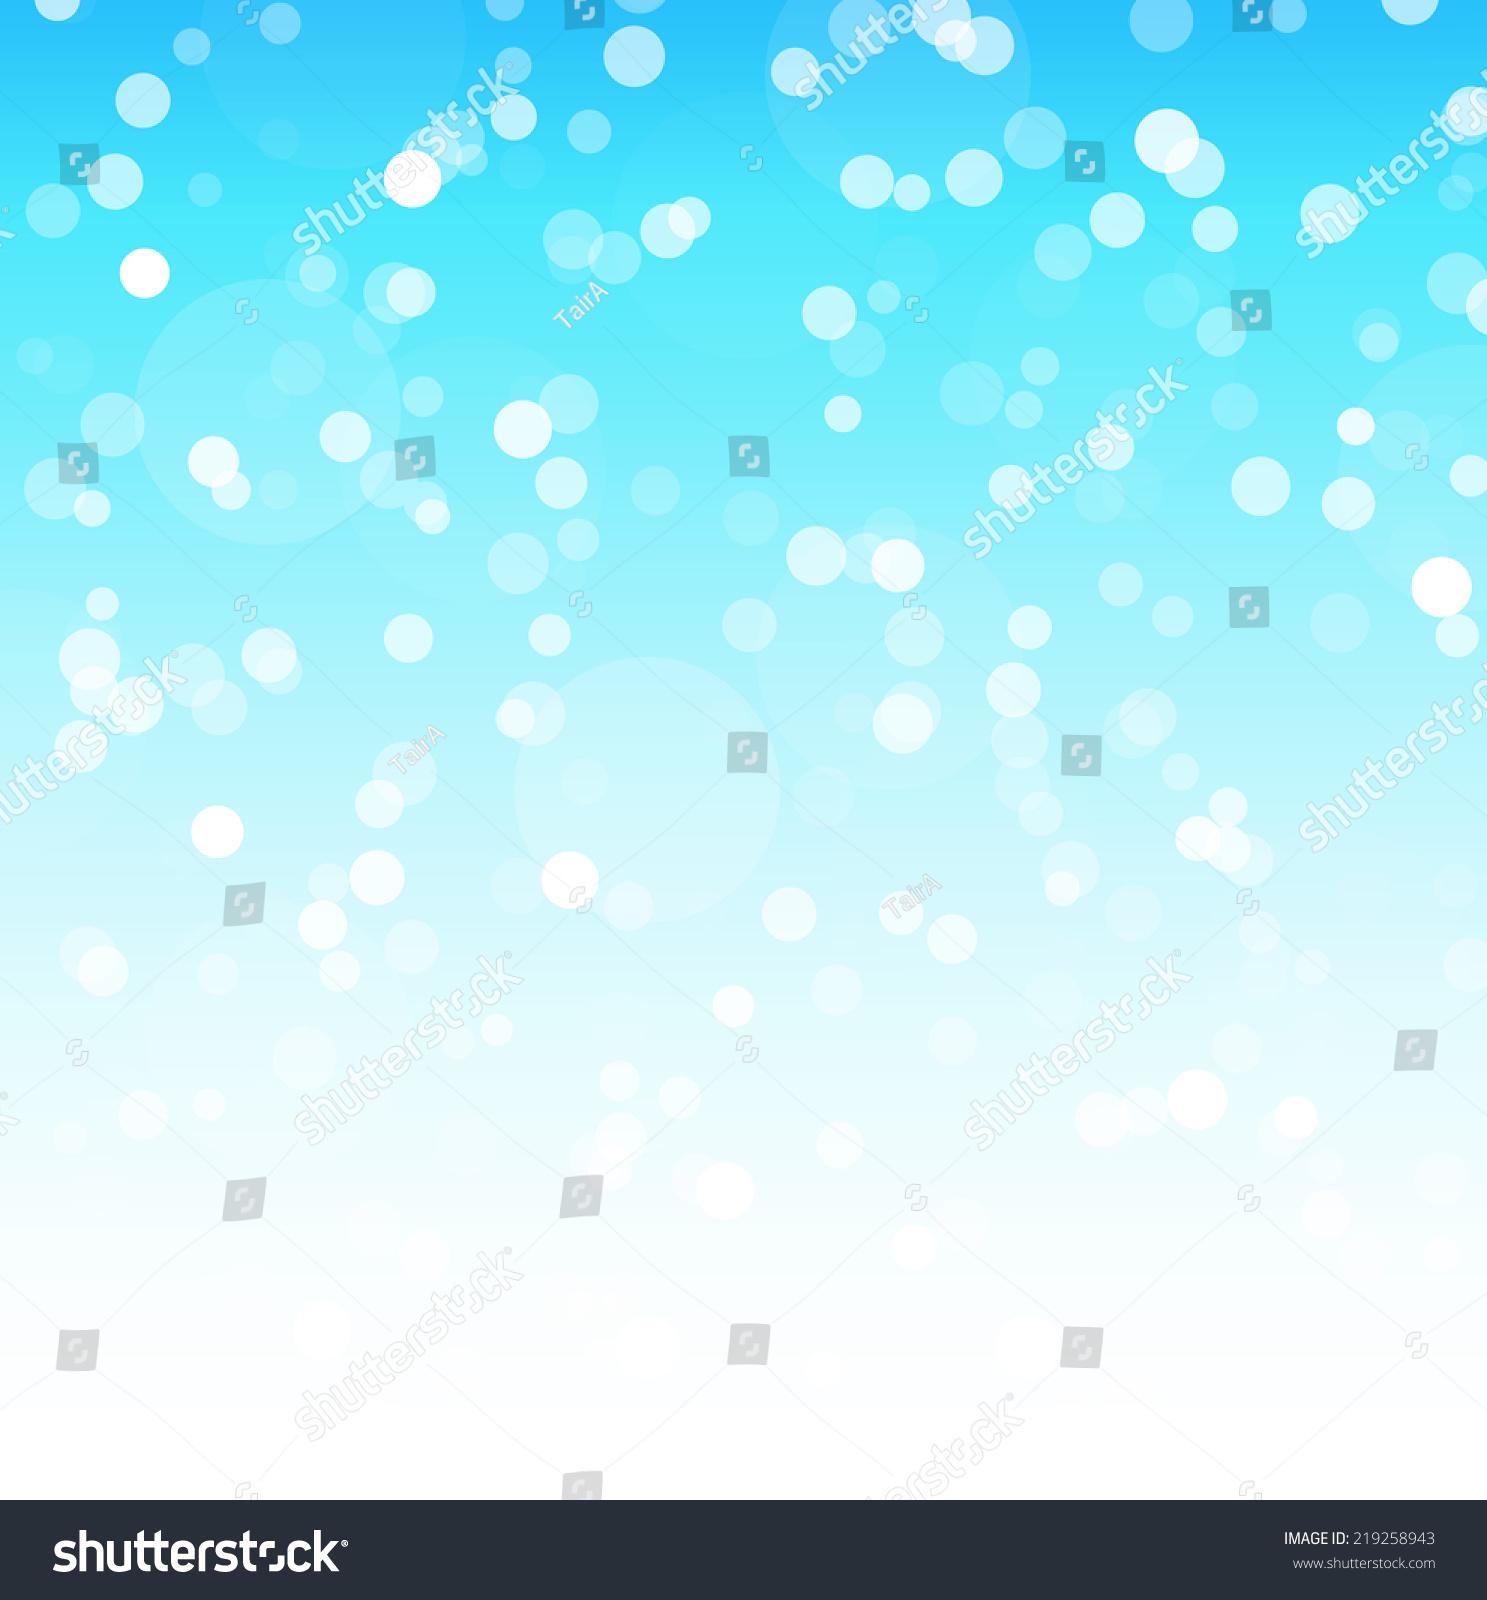 雪花飘落的背景.抽象的背景